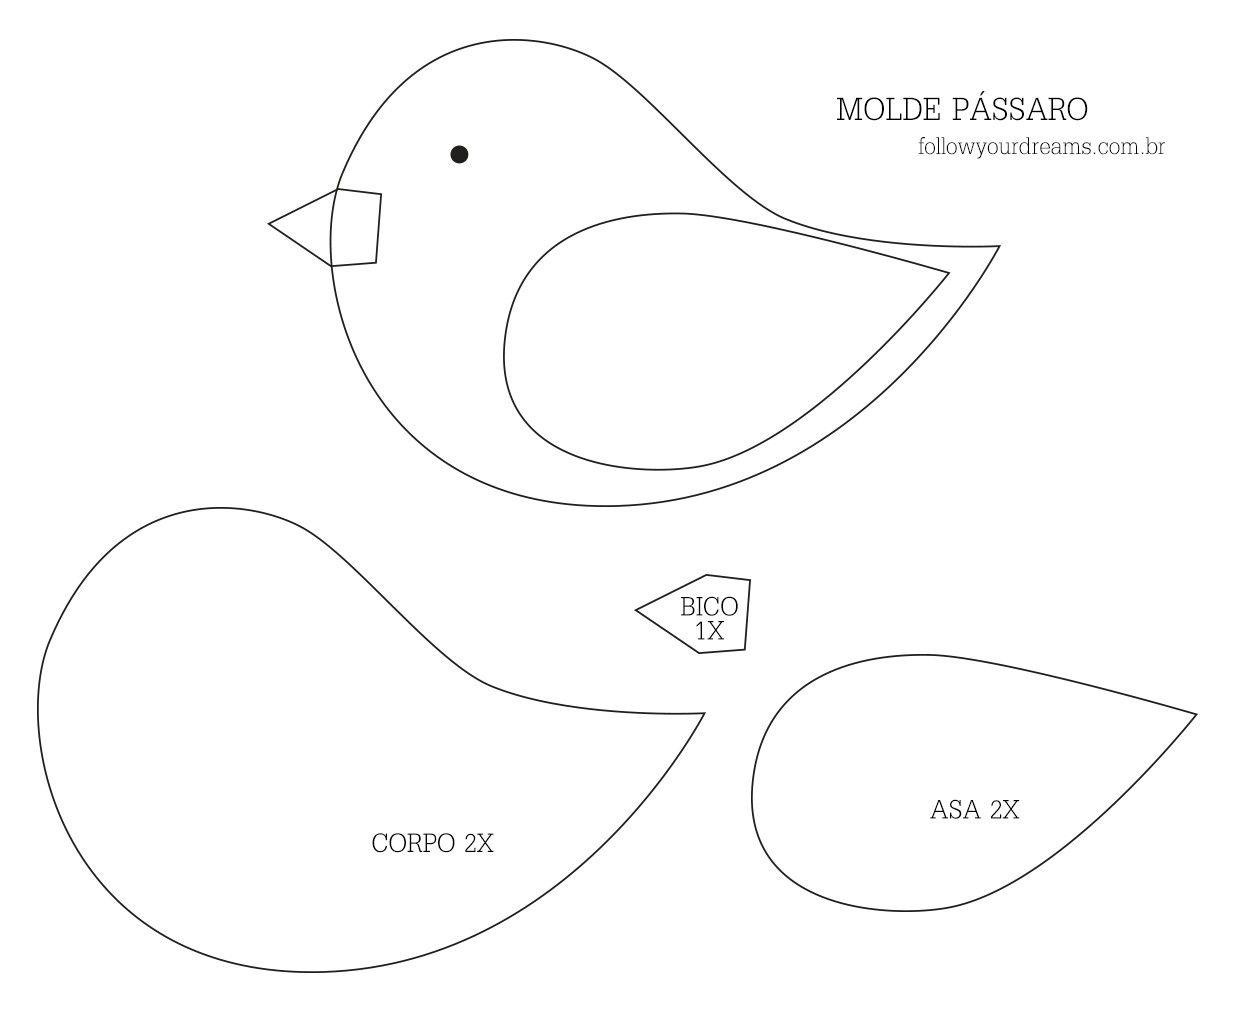 chaveiro de feltro molde passarinho